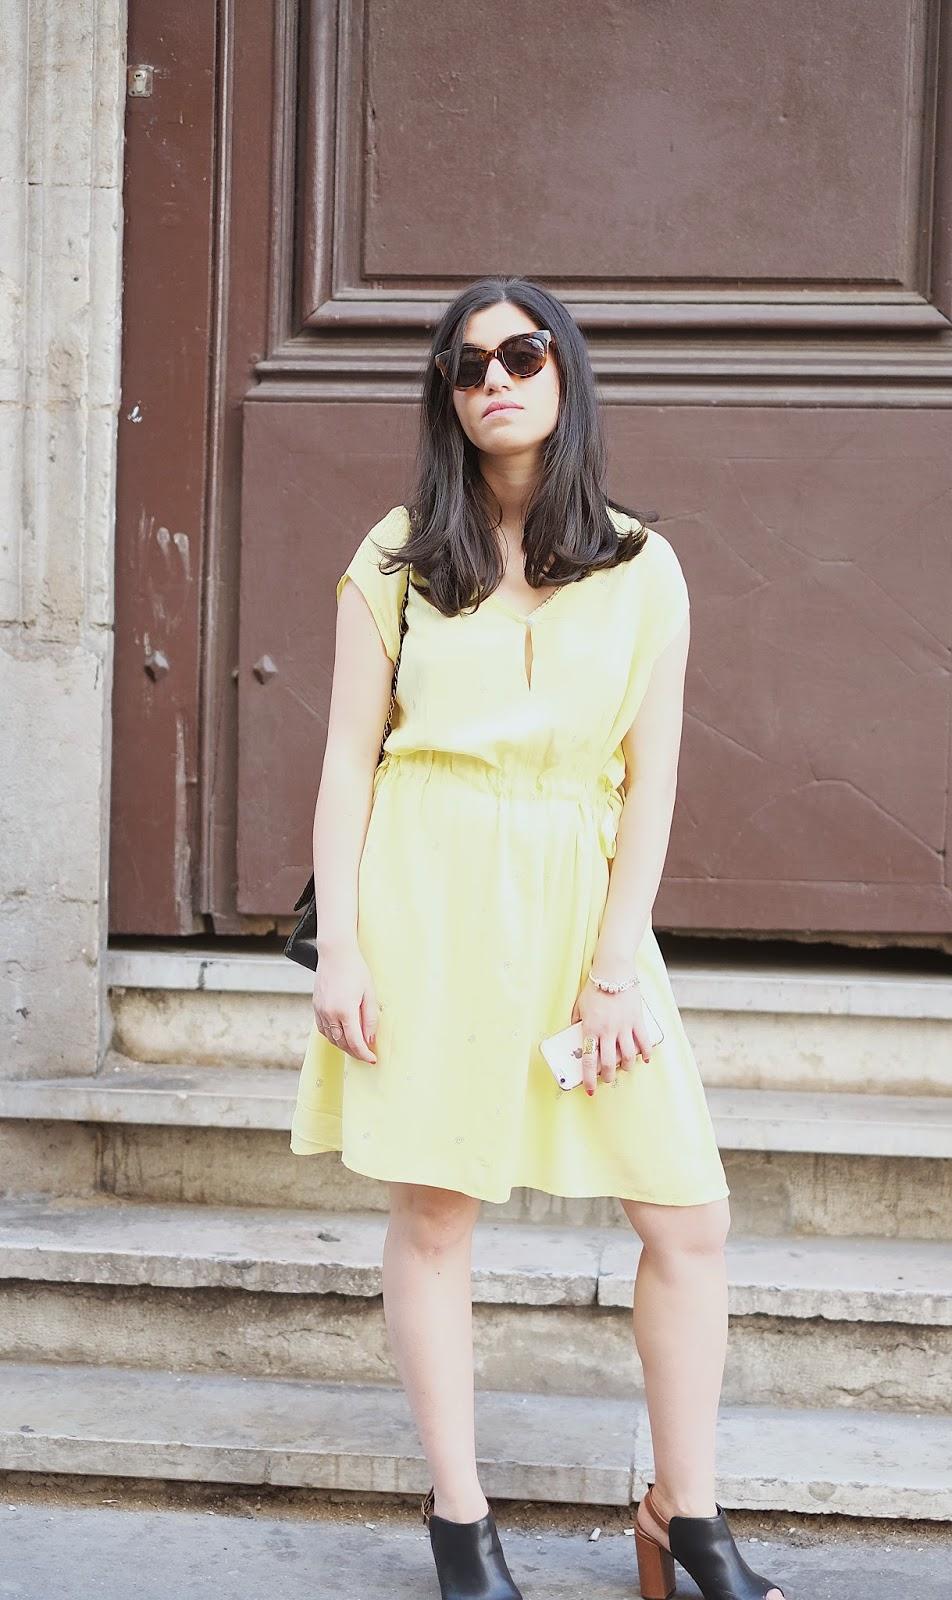 robe_été_sac_chanel_vintage